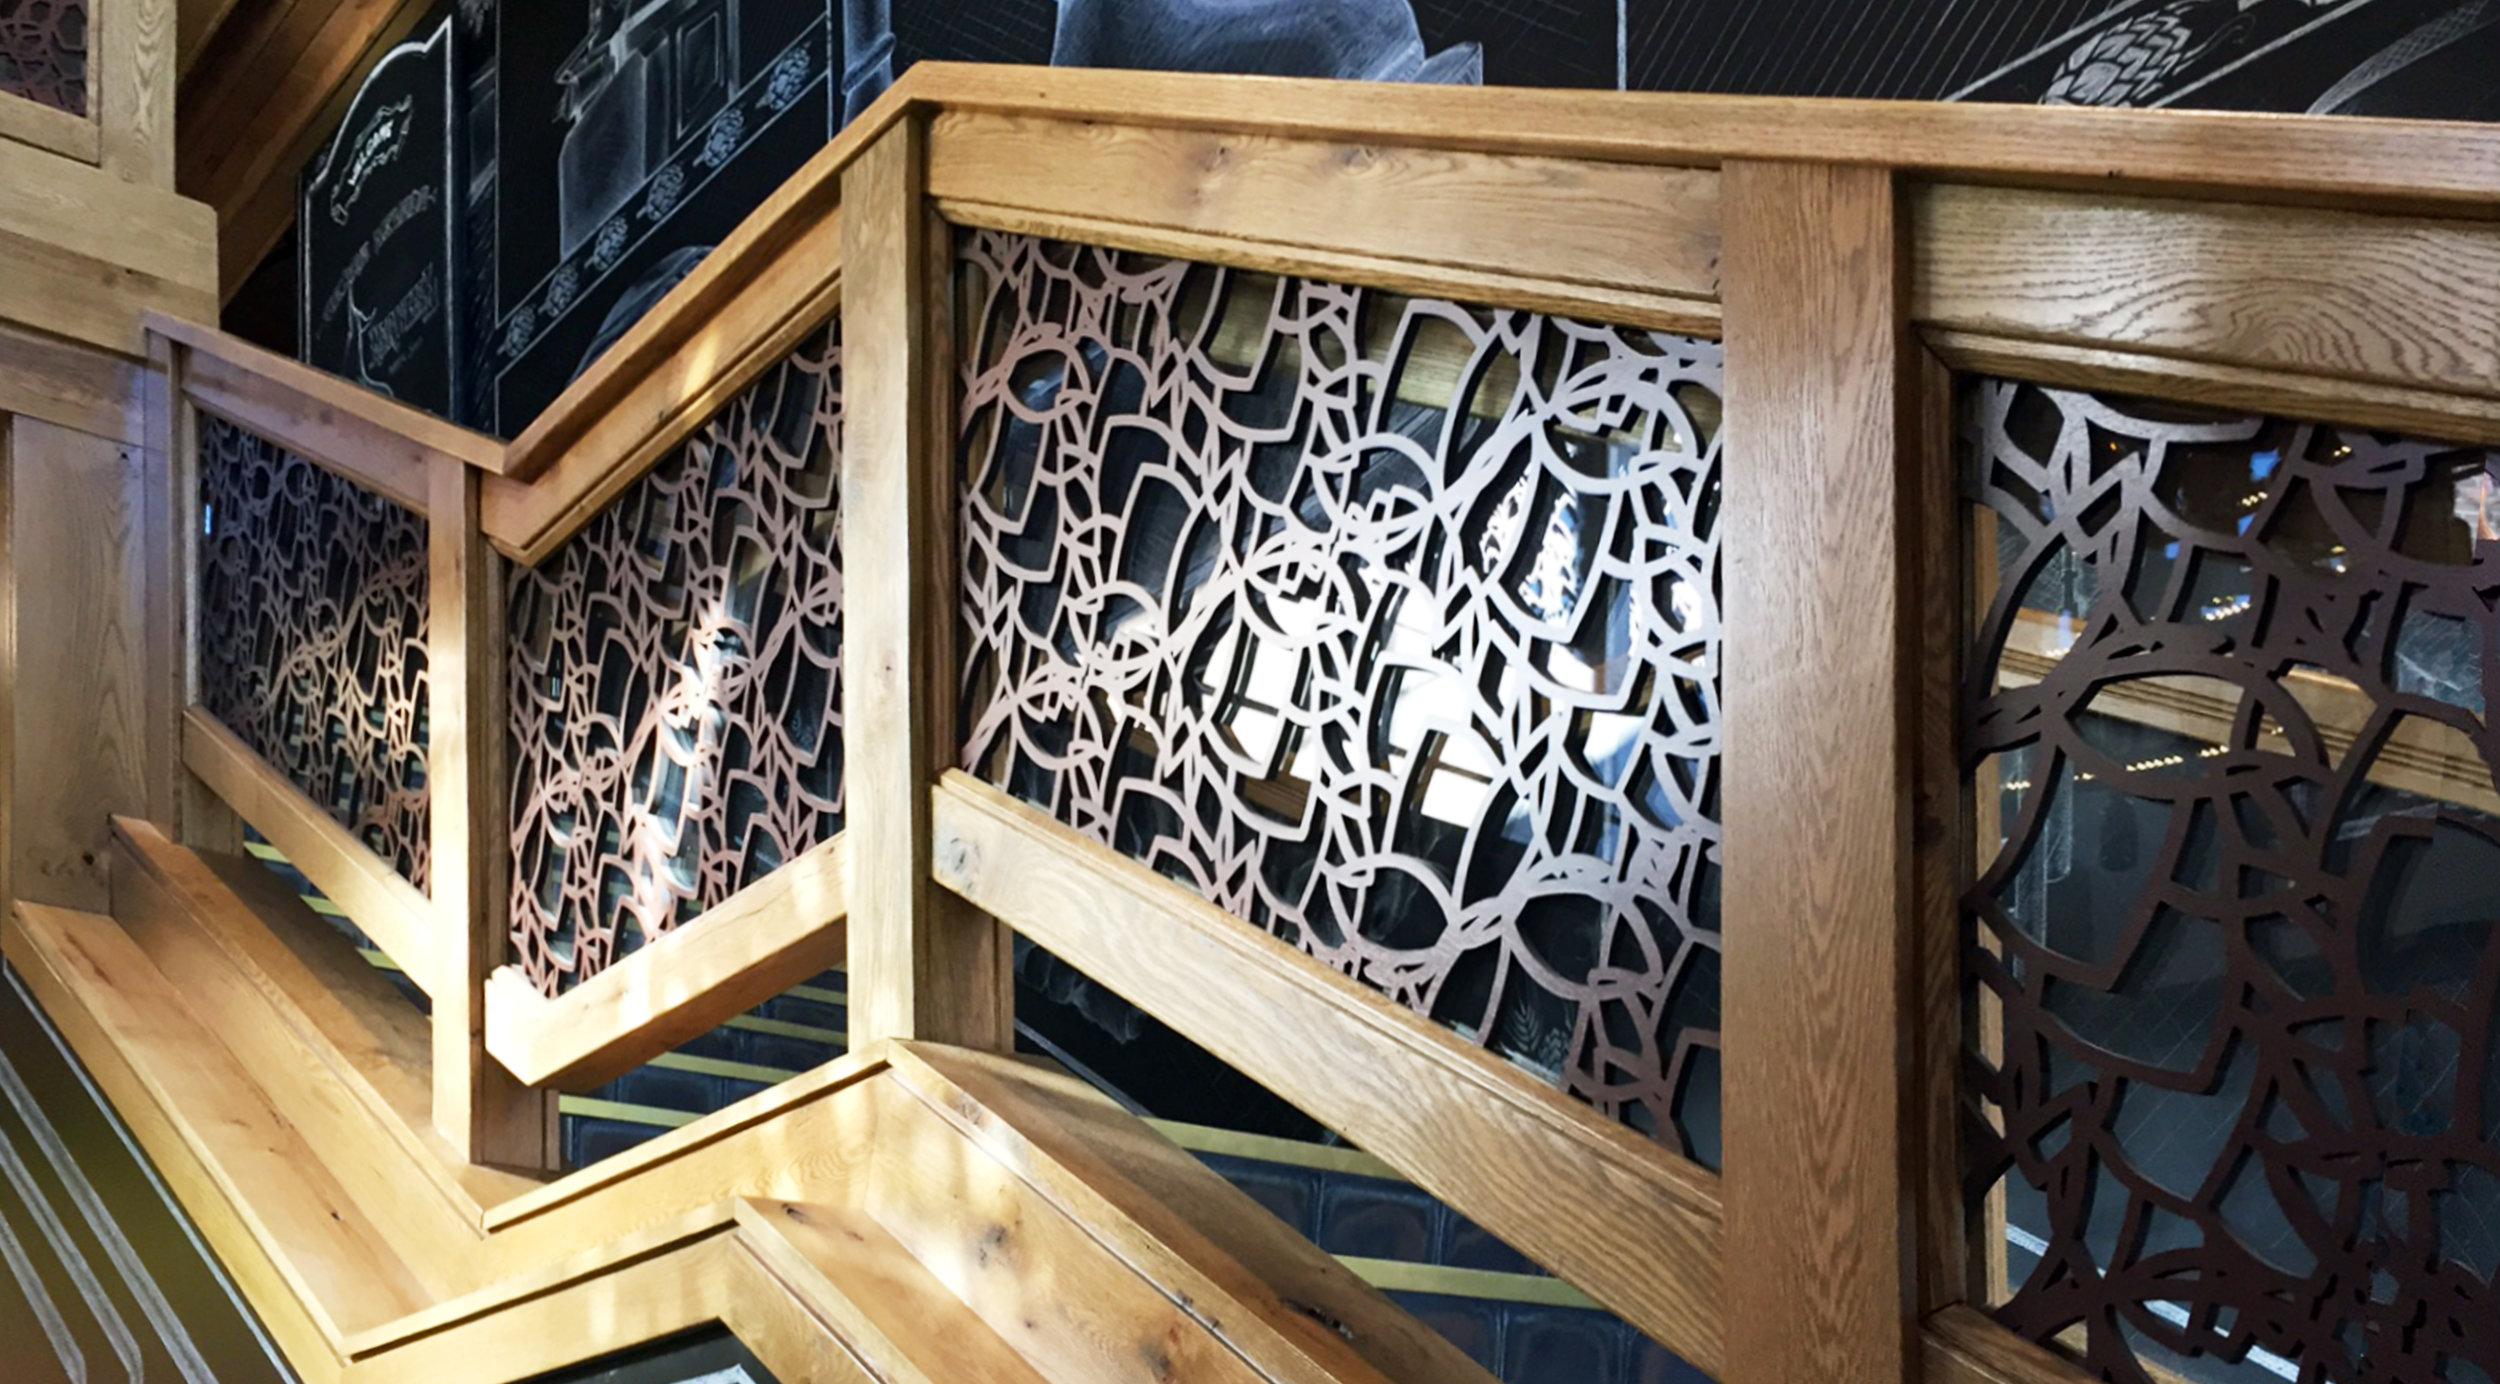 Sierra-Nevada-stair-railing-1-forTV_3123.jpg